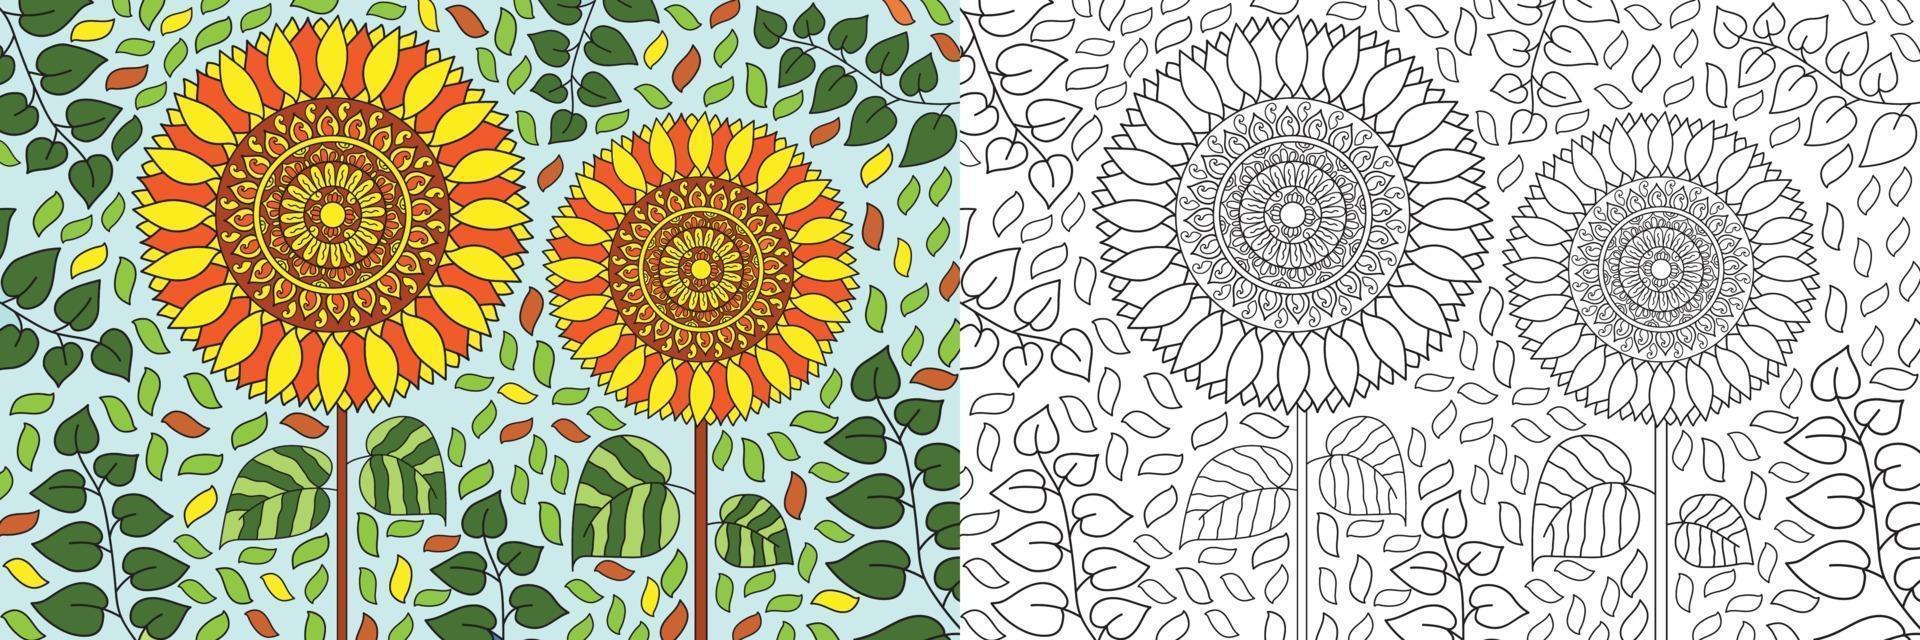 doodle girassol na natureza natureza livro para colorir para adultos e crianças vetor